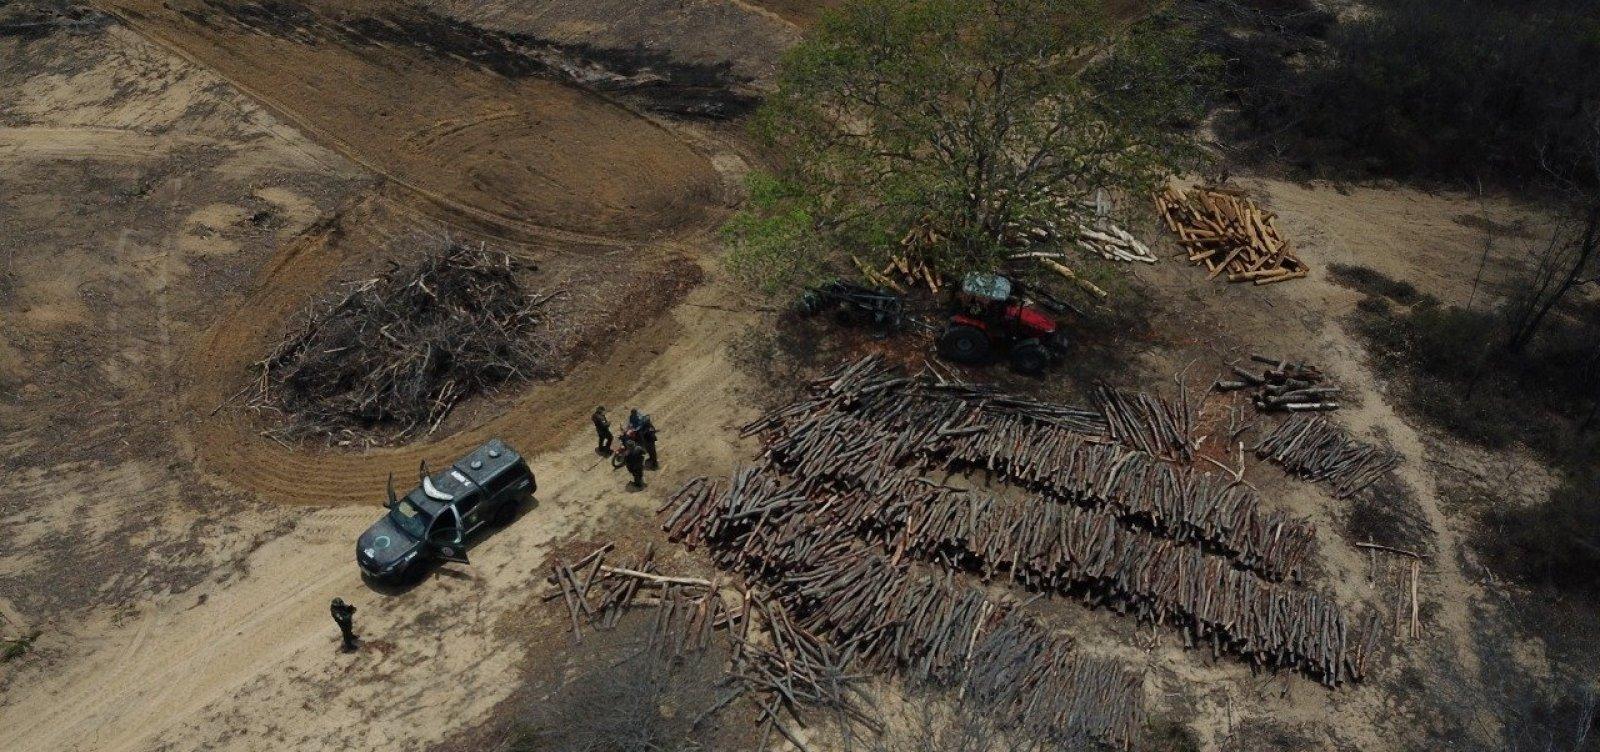 Inema detecta desmatamento em área equivalente a 590 campos de futebol no interior da Bahia